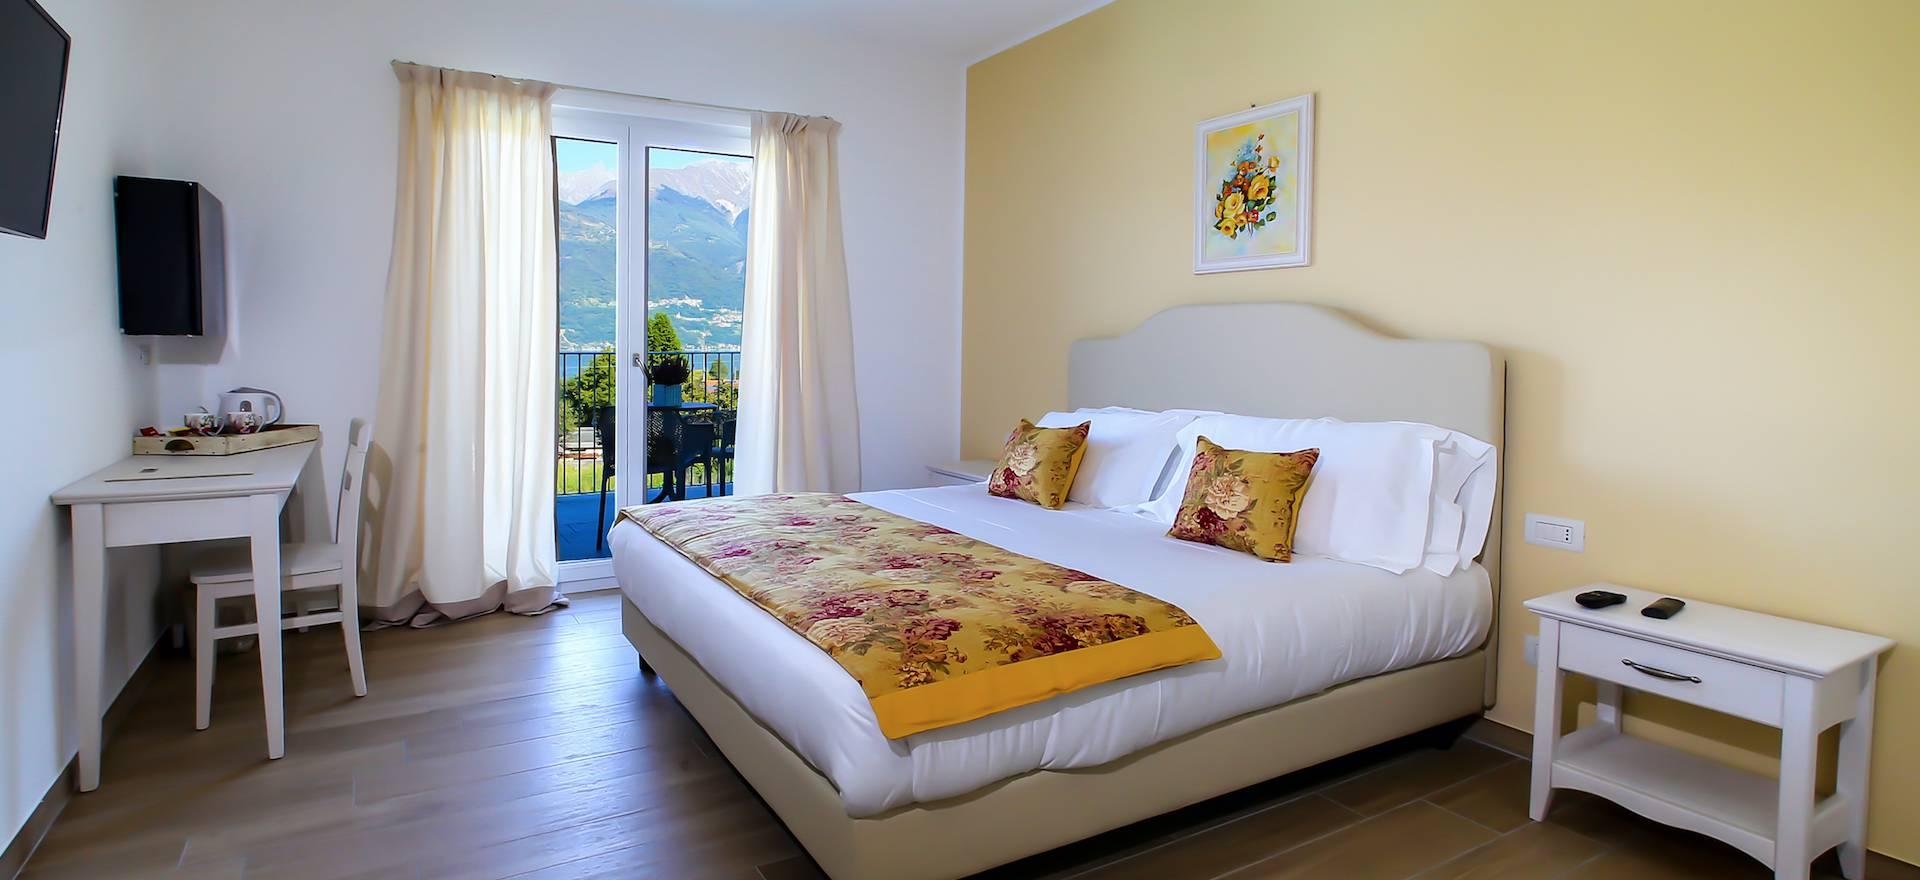 Agriturismo Lago di Como e lago di Garda Luxury B&B a pochi passi dal Lago di Como